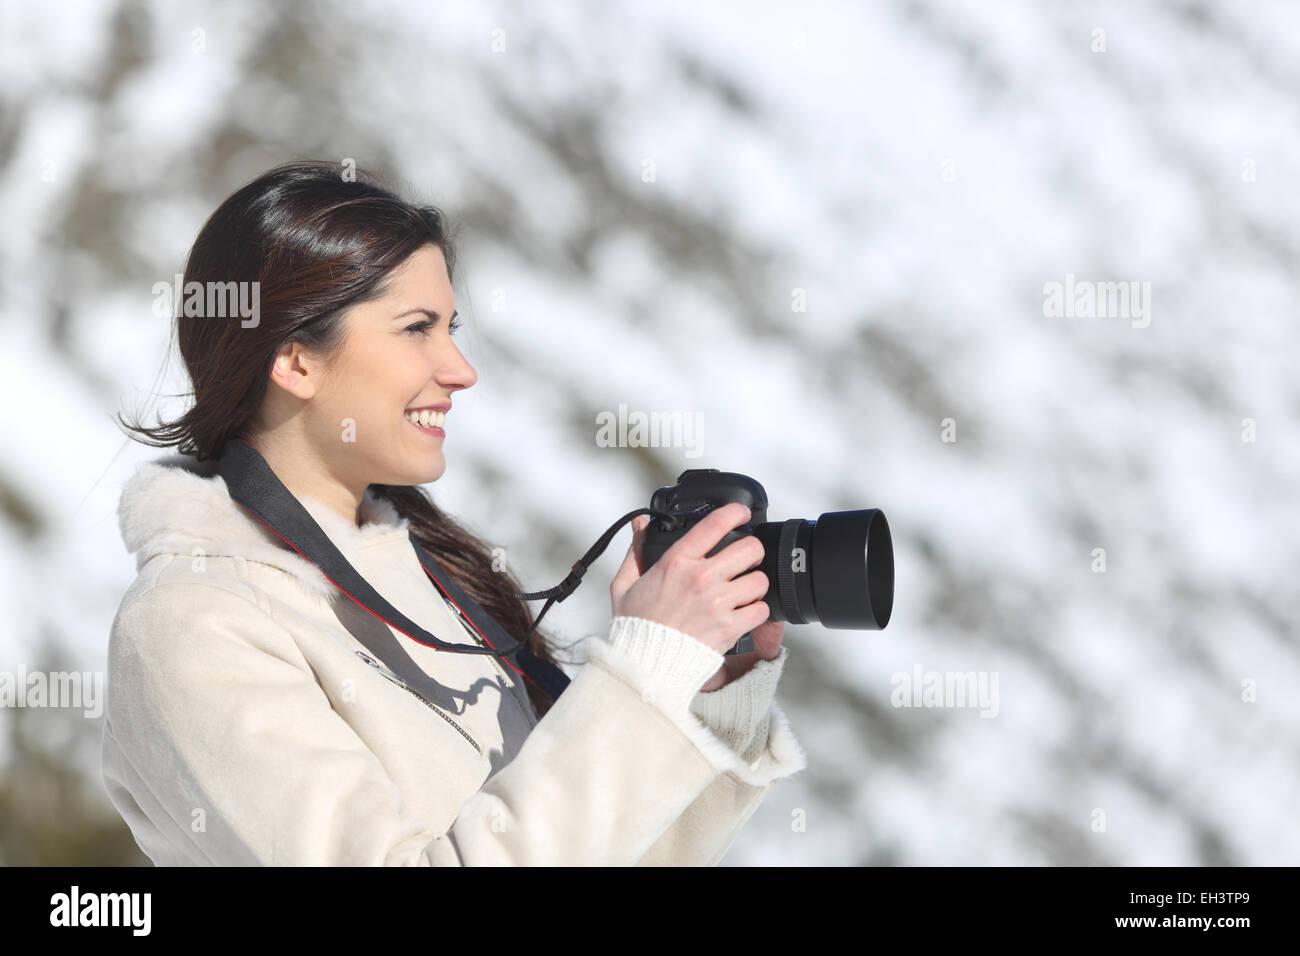 Touristischen Frau fotografieren im Winterurlaub mit einem schneebedeckten Berg im Hintergrund Stockbild